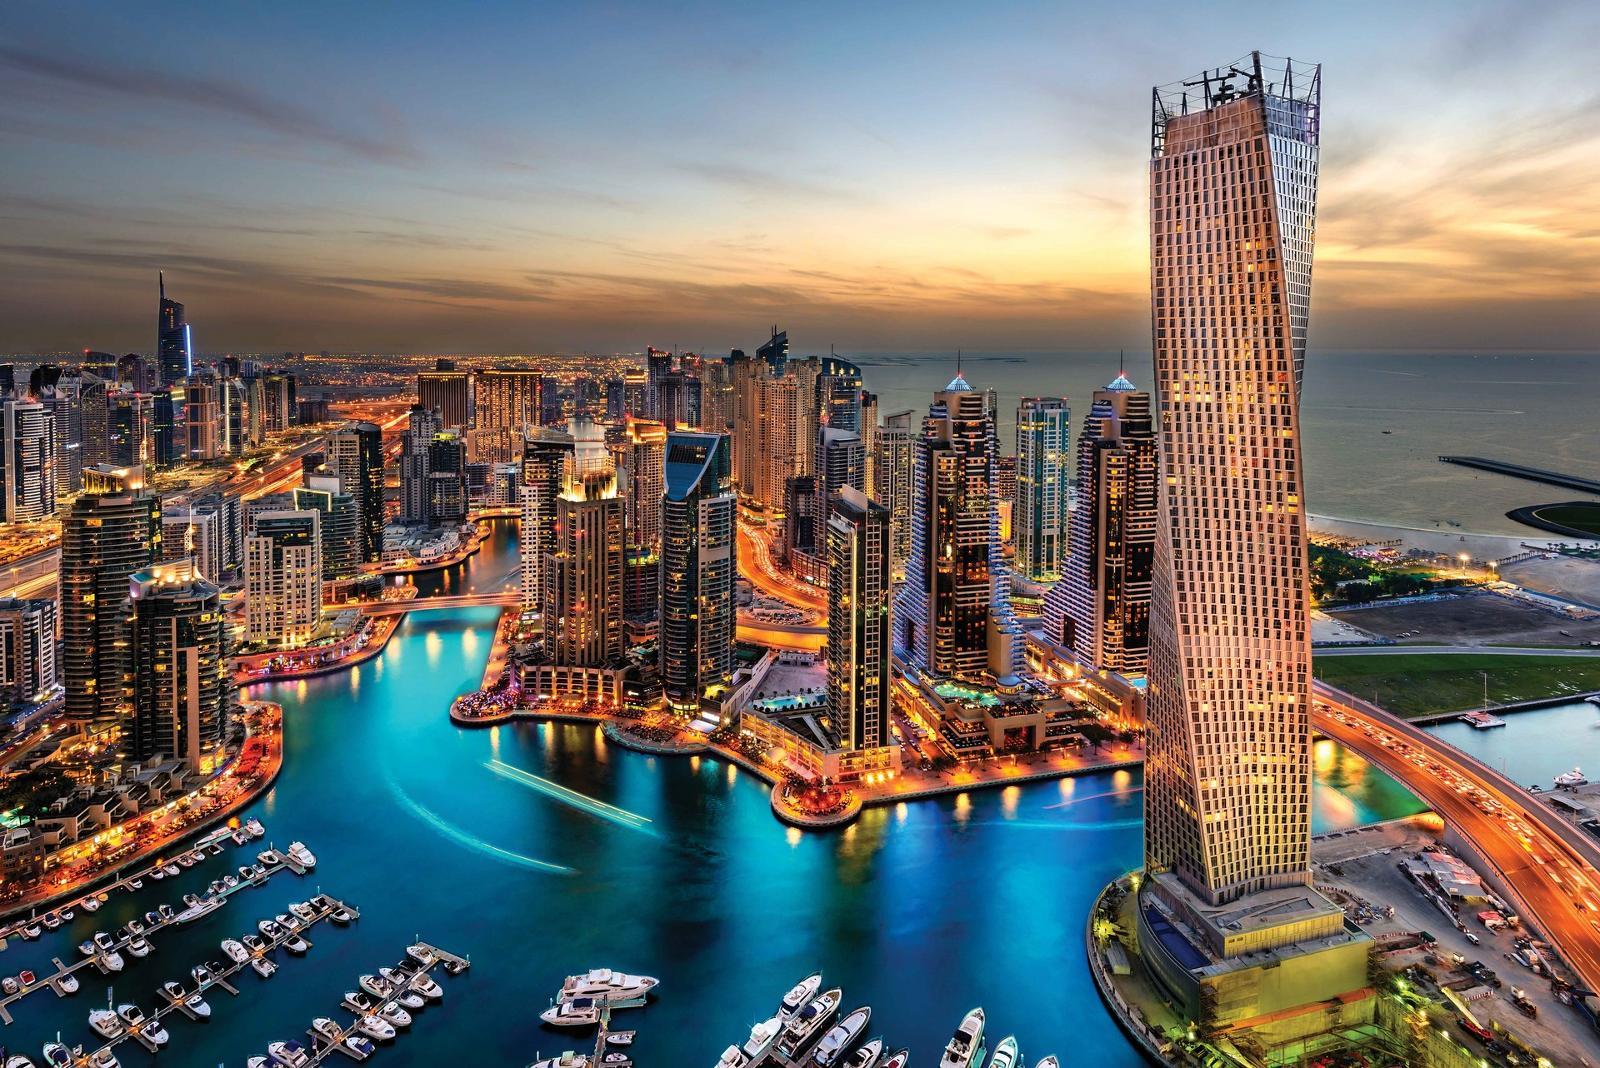 امارات متحده عربی | UAE